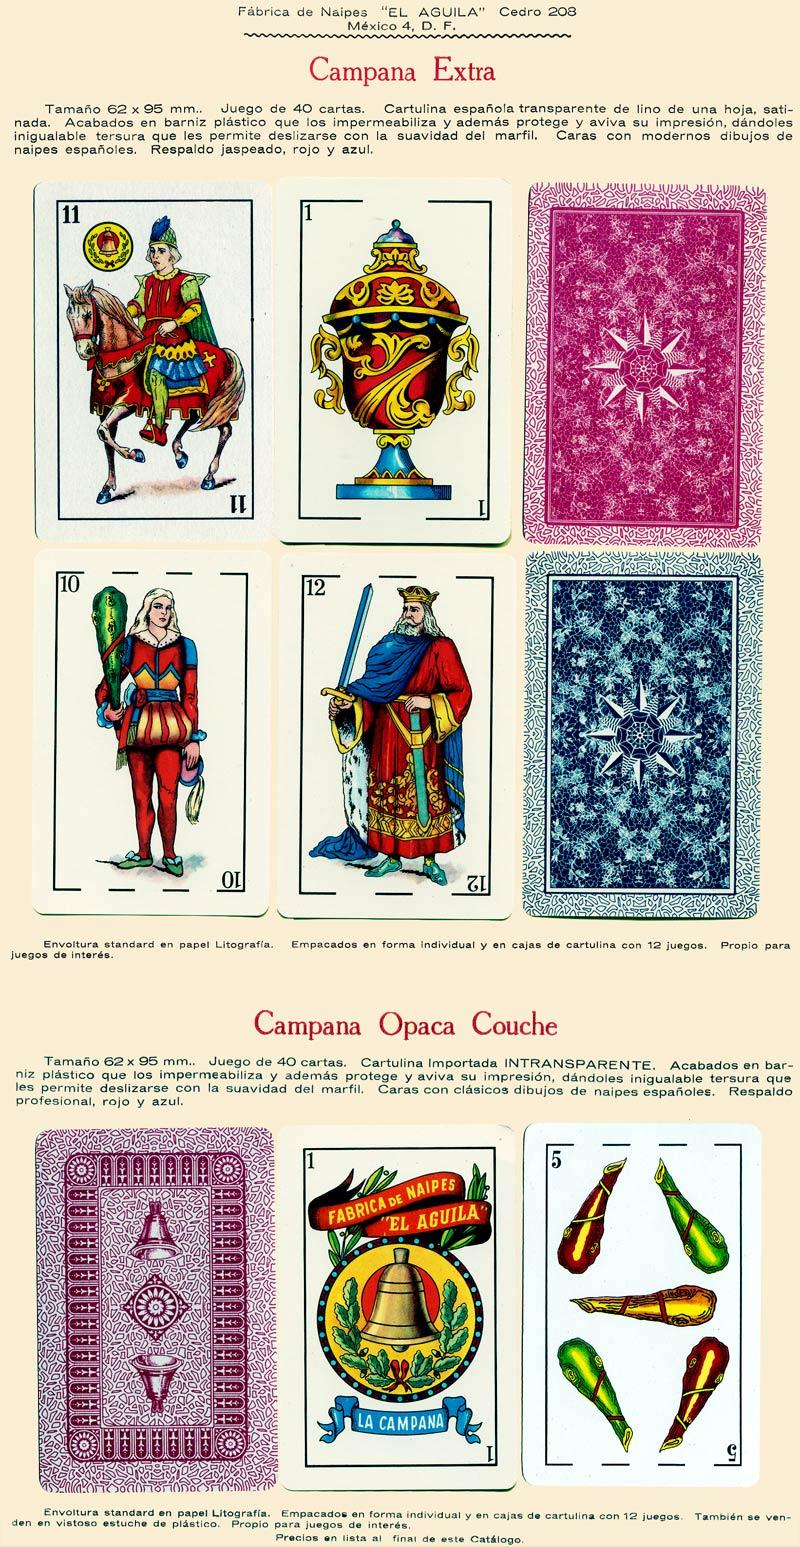 Naipes Campana Extra, c.1960